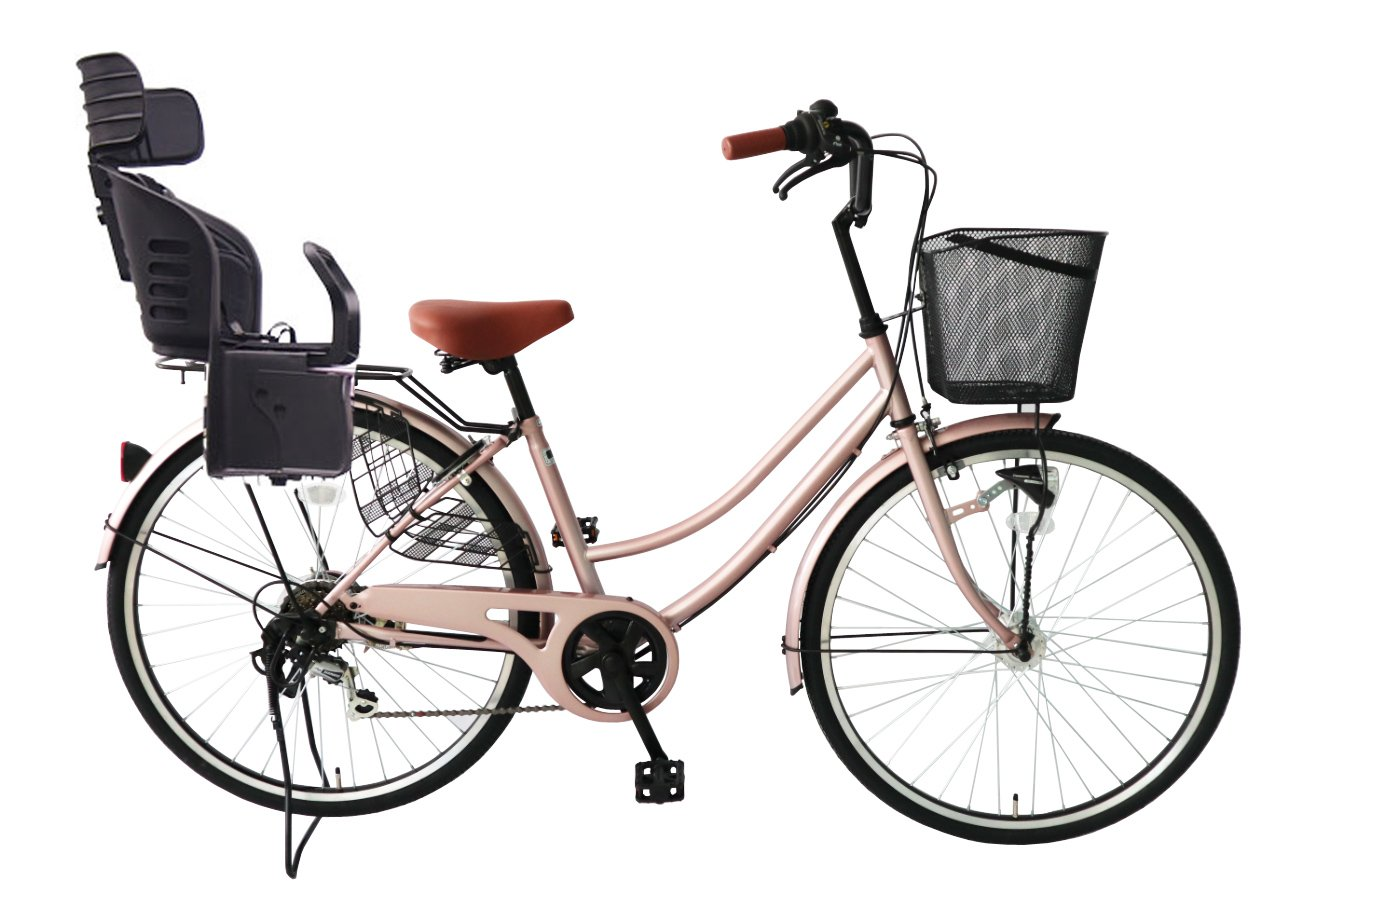 Lupinusルピナス 自転車 26インチ LP-266UA-KNRJ-BK 軽快車 シマノ外装6段ギア オートライト 樹脂製後子乗せブラック B07CPSCVSTシャンパンピンク